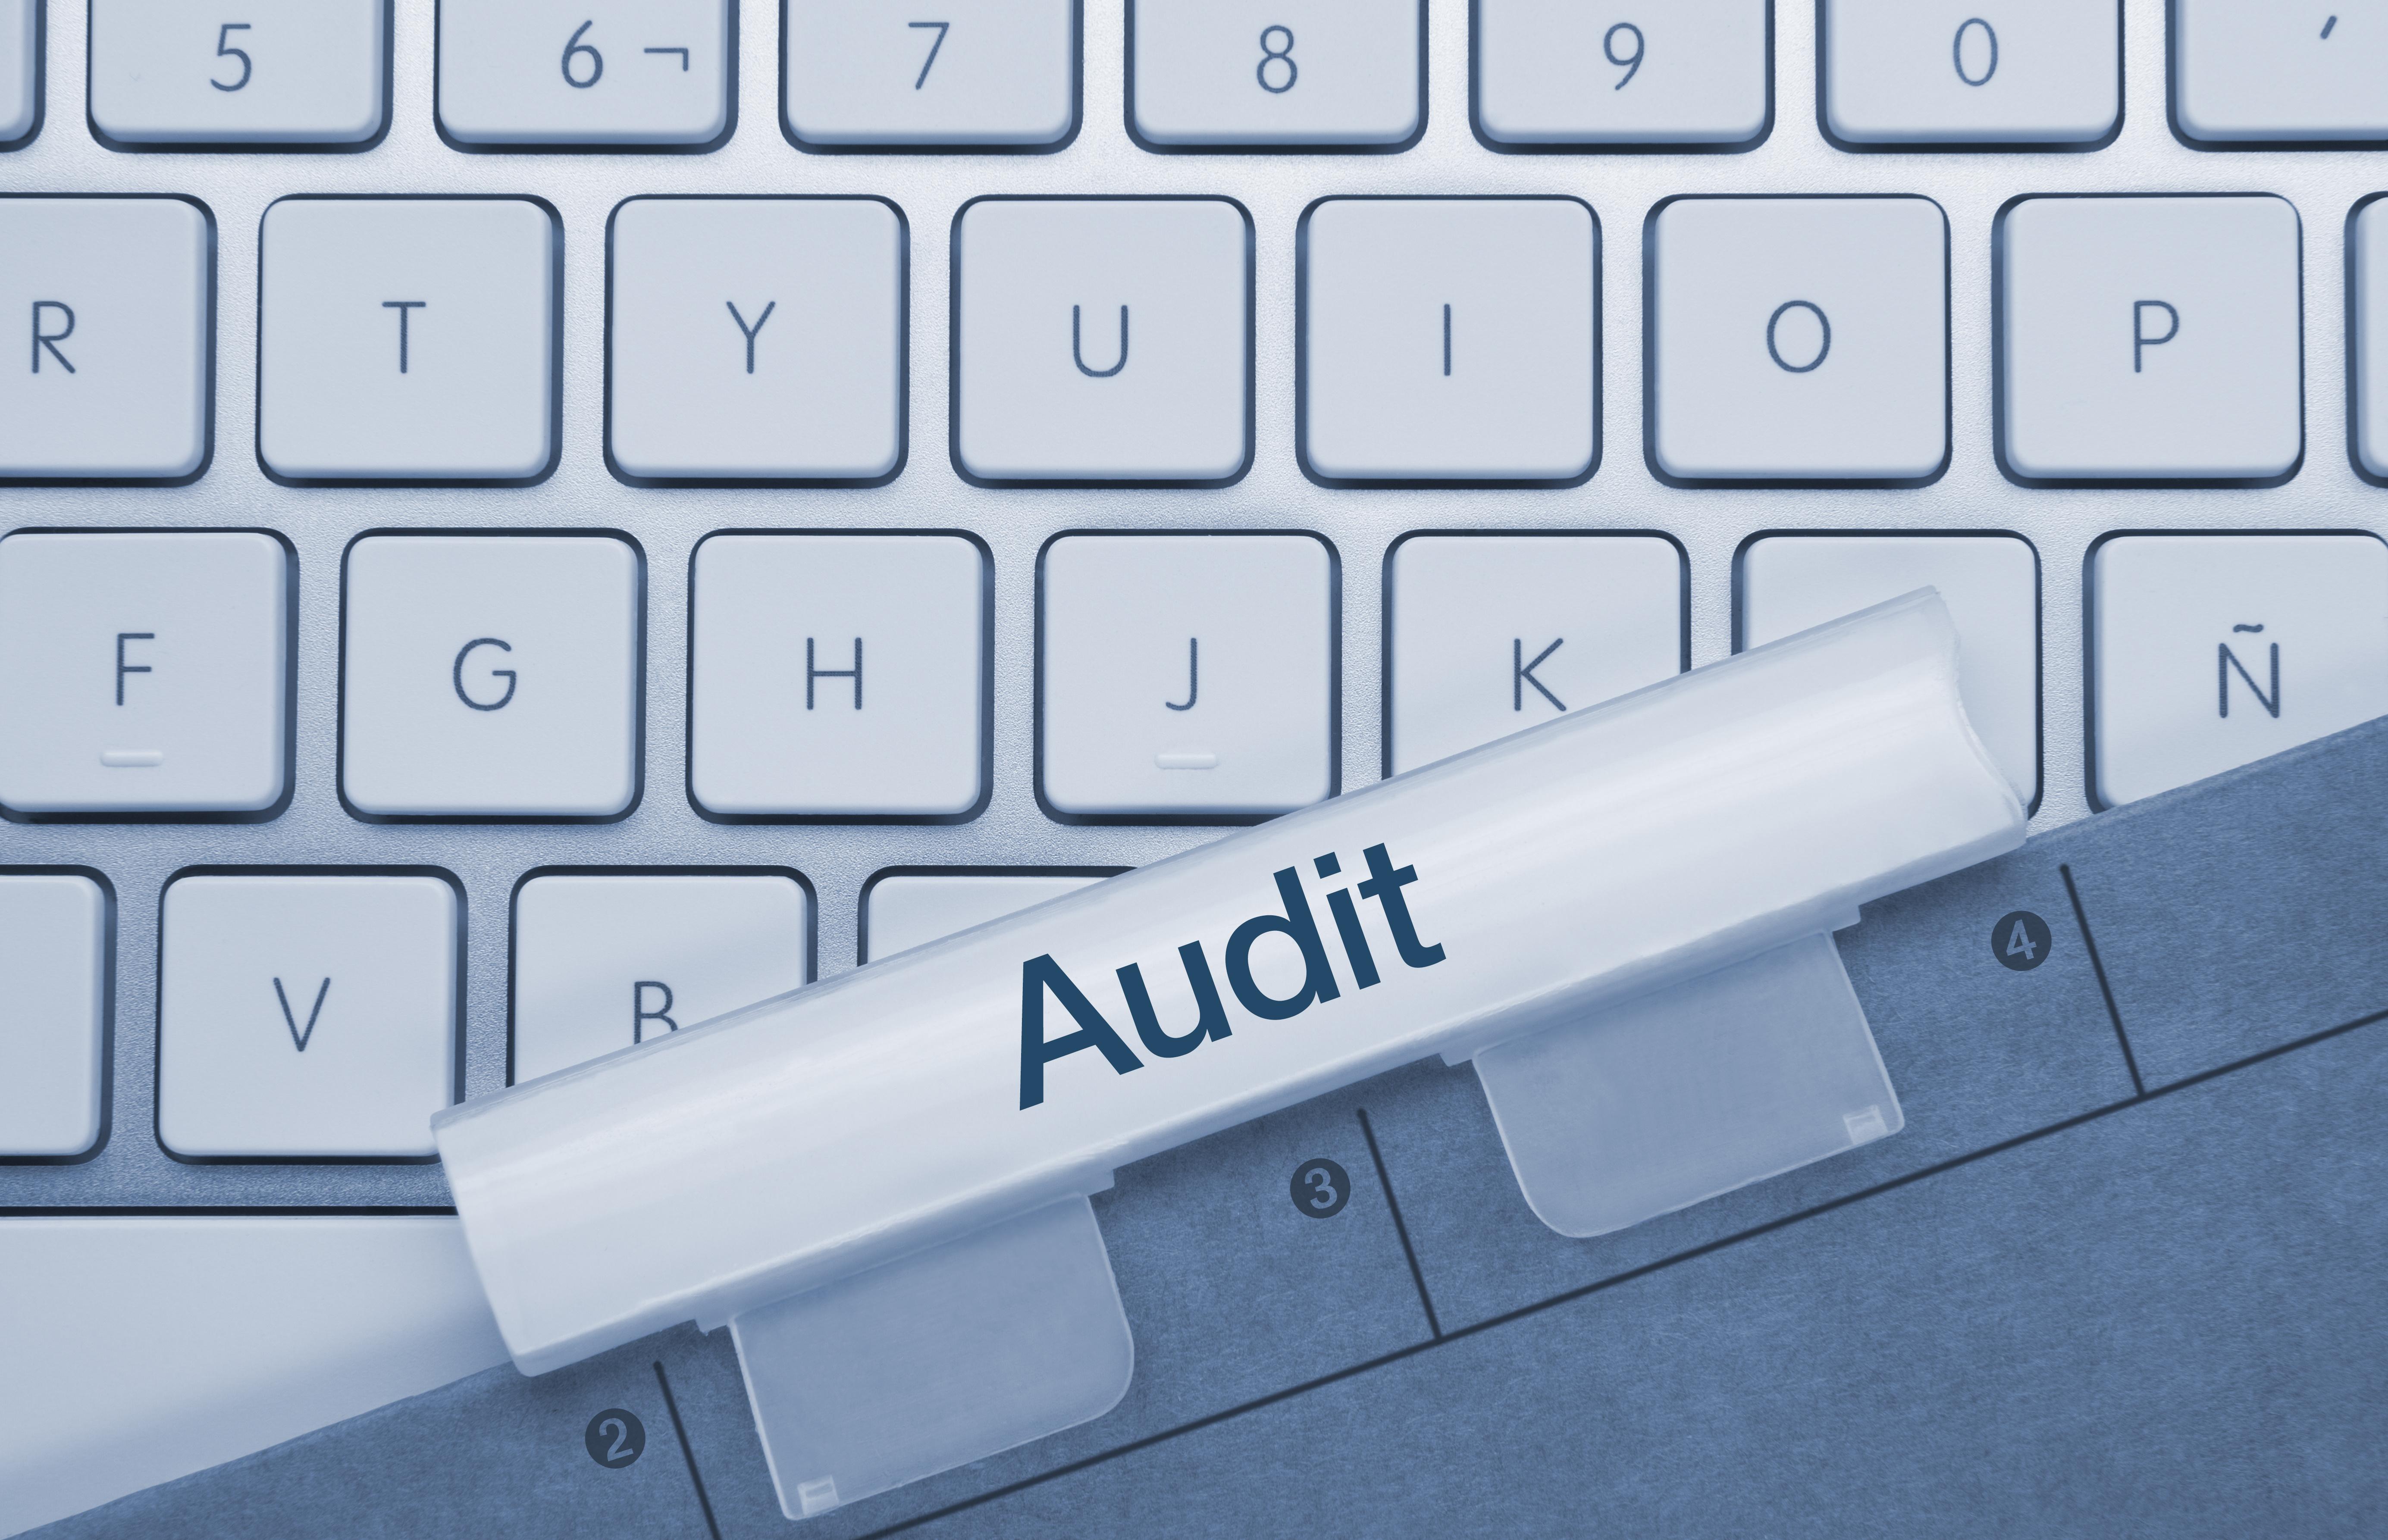 AuditKeyboard